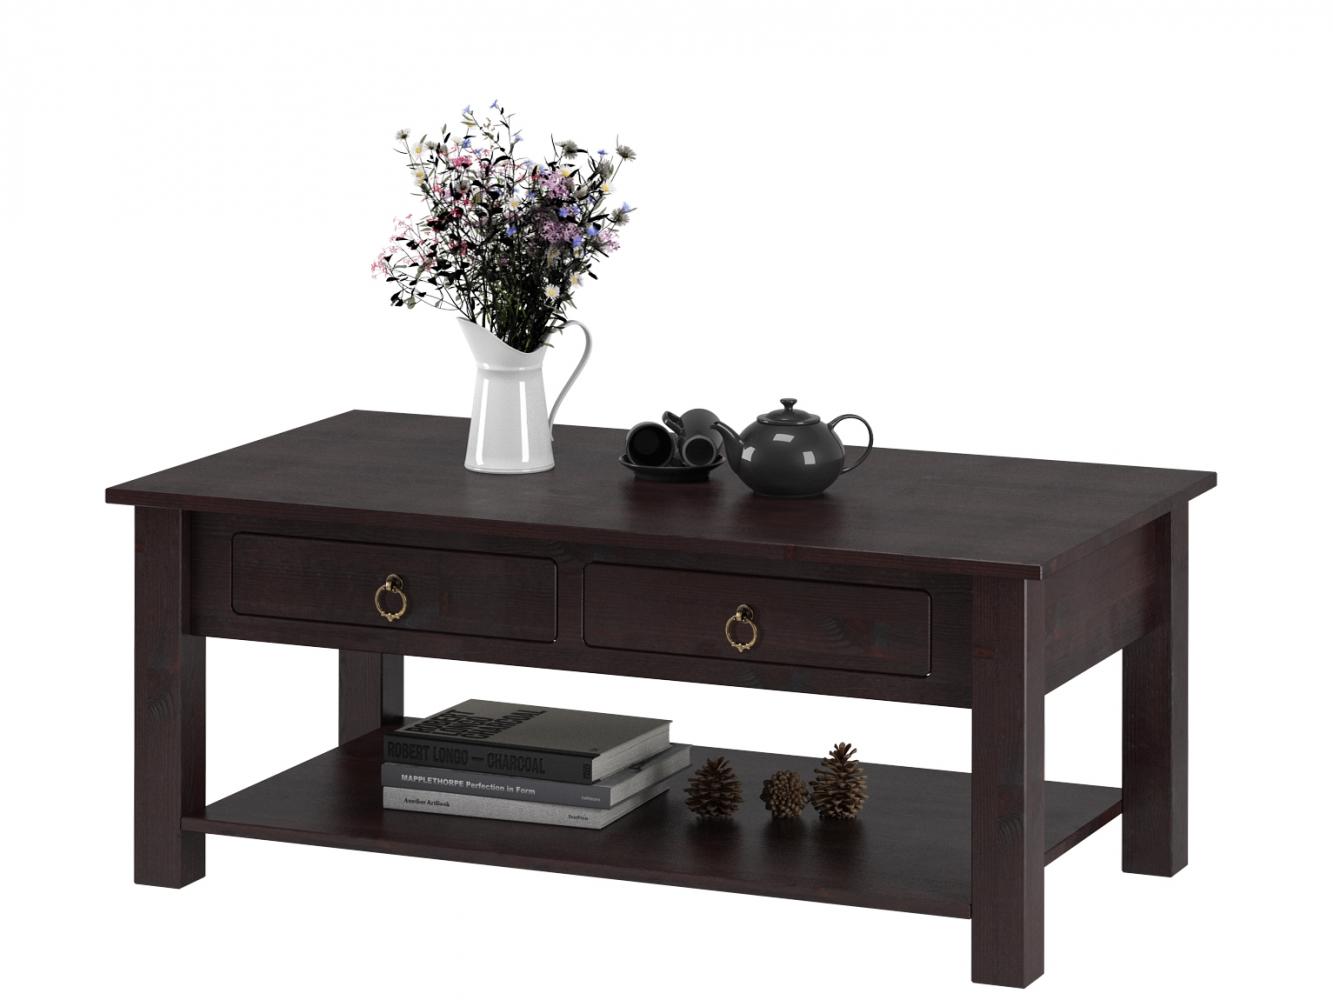 Konferenční stolek Inge, 60 cm, hnědá